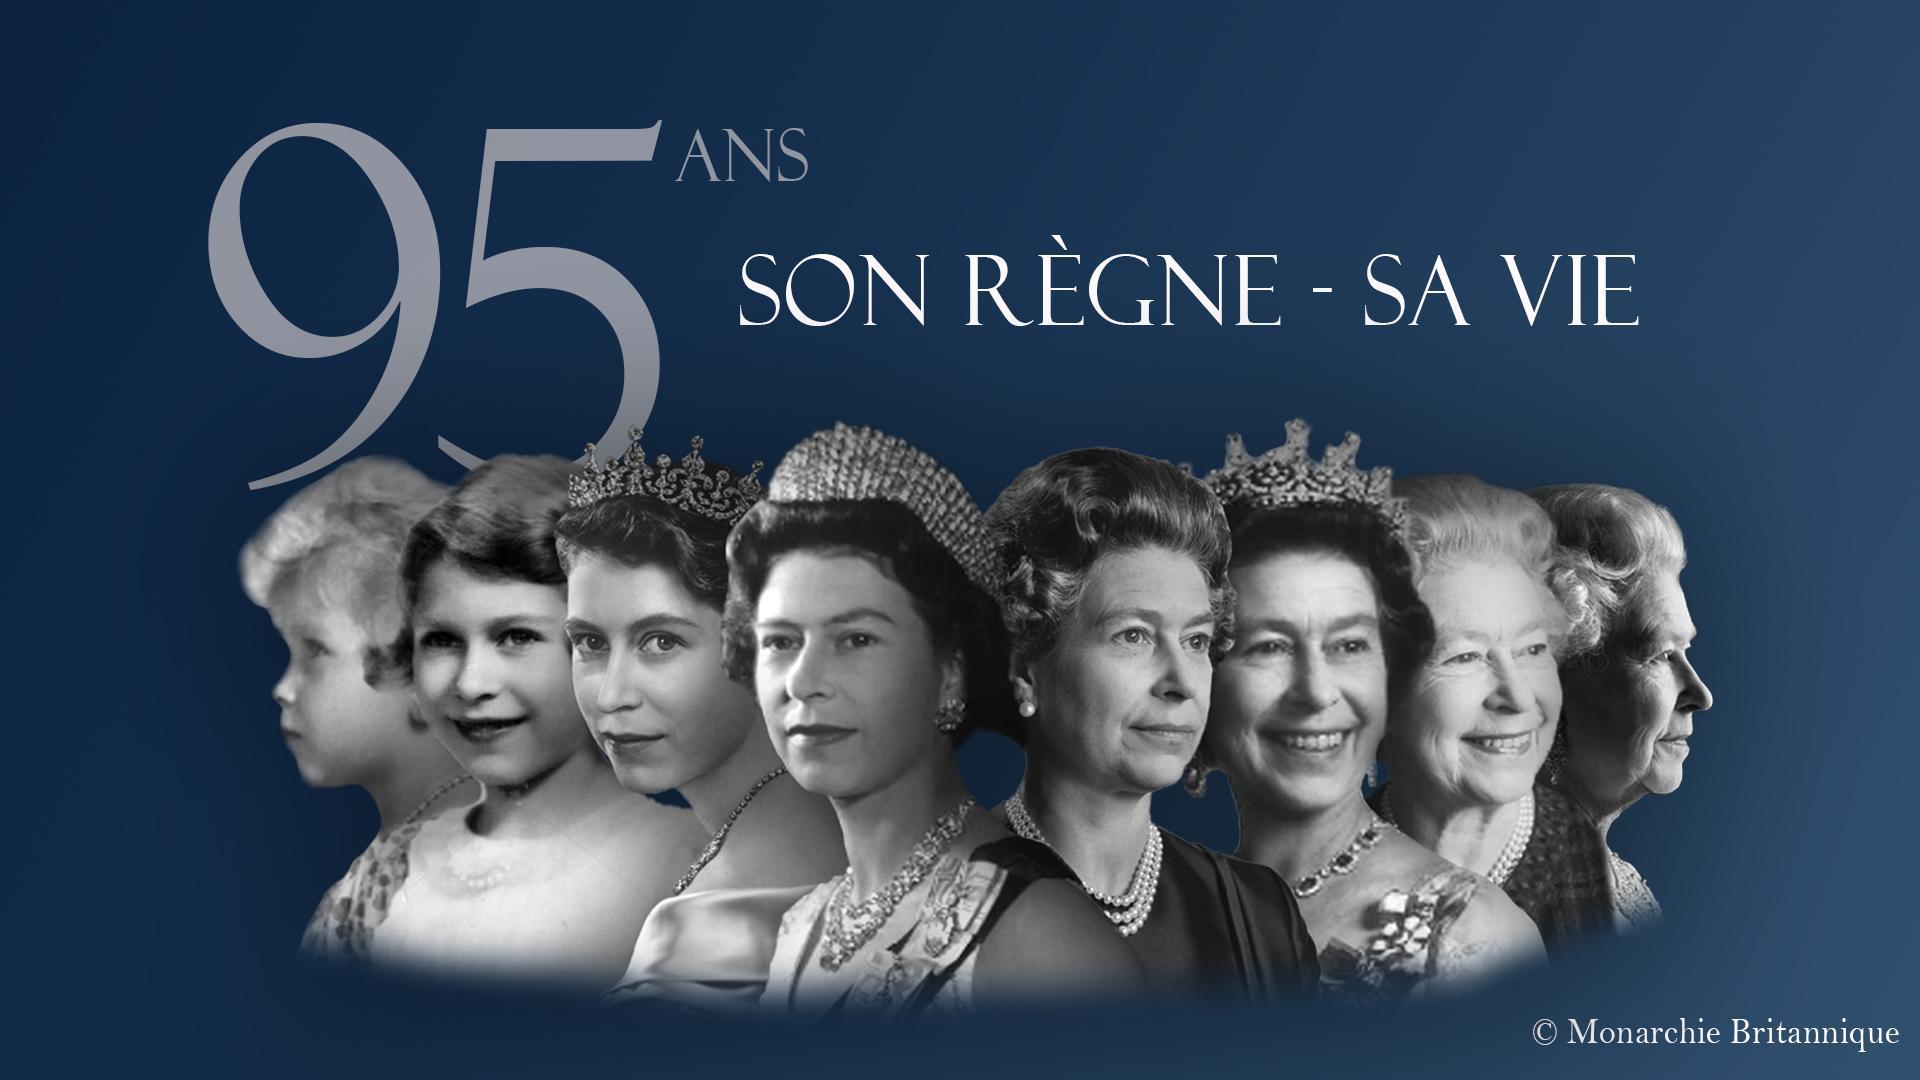 95 ans elizabeth ii